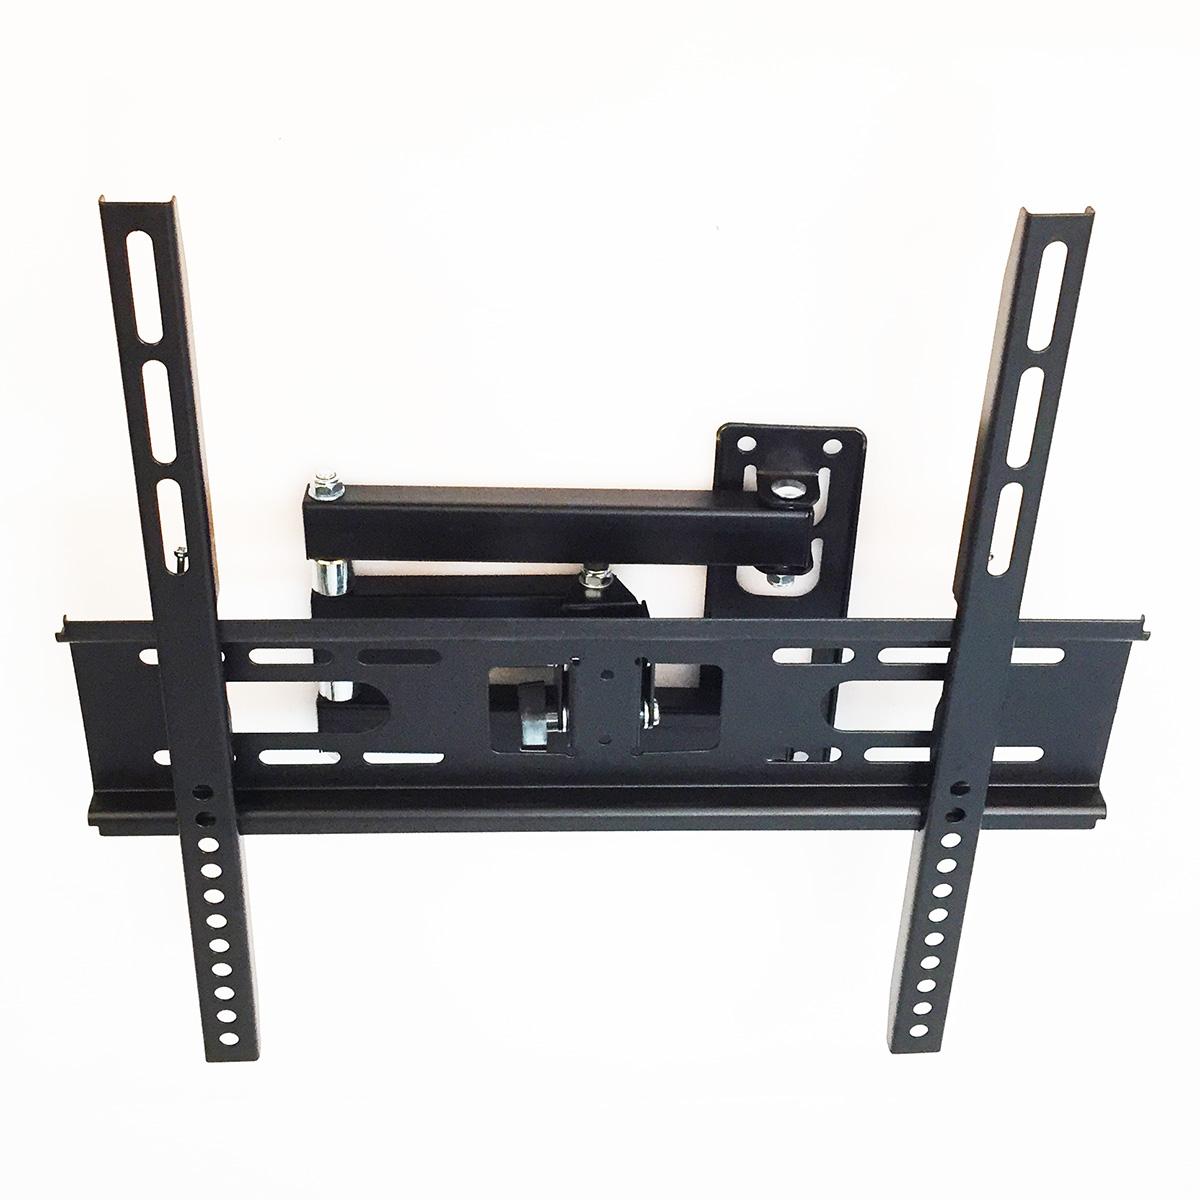 4k tv wall mount full motion tilt 22 55 swivel arm heavy duty lcd led plasma ebay. Black Bedroom Furniture Sets. Home Design Ideas